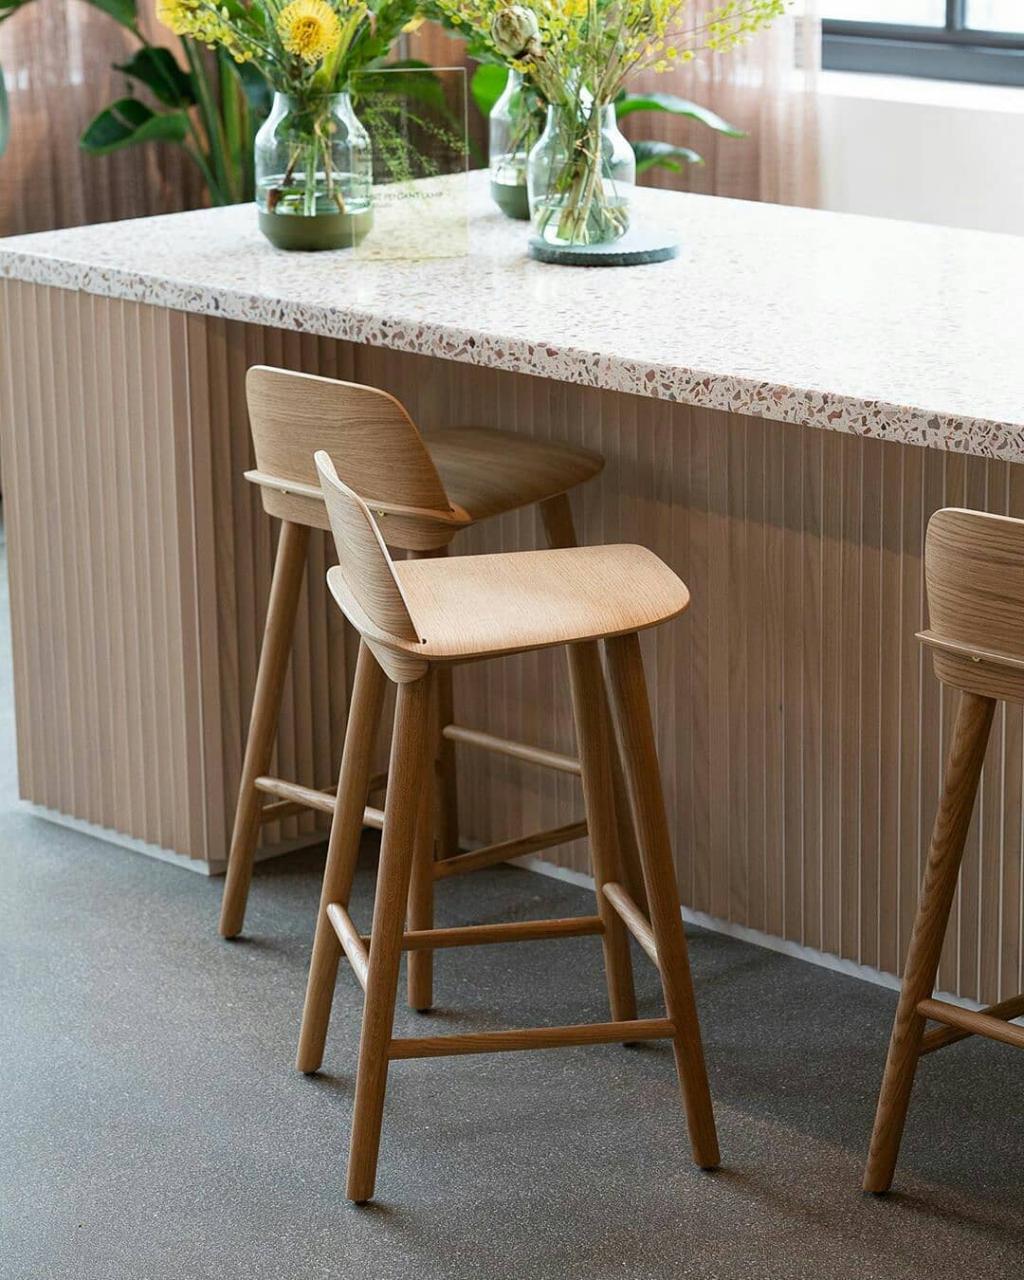 Nerd bar stool